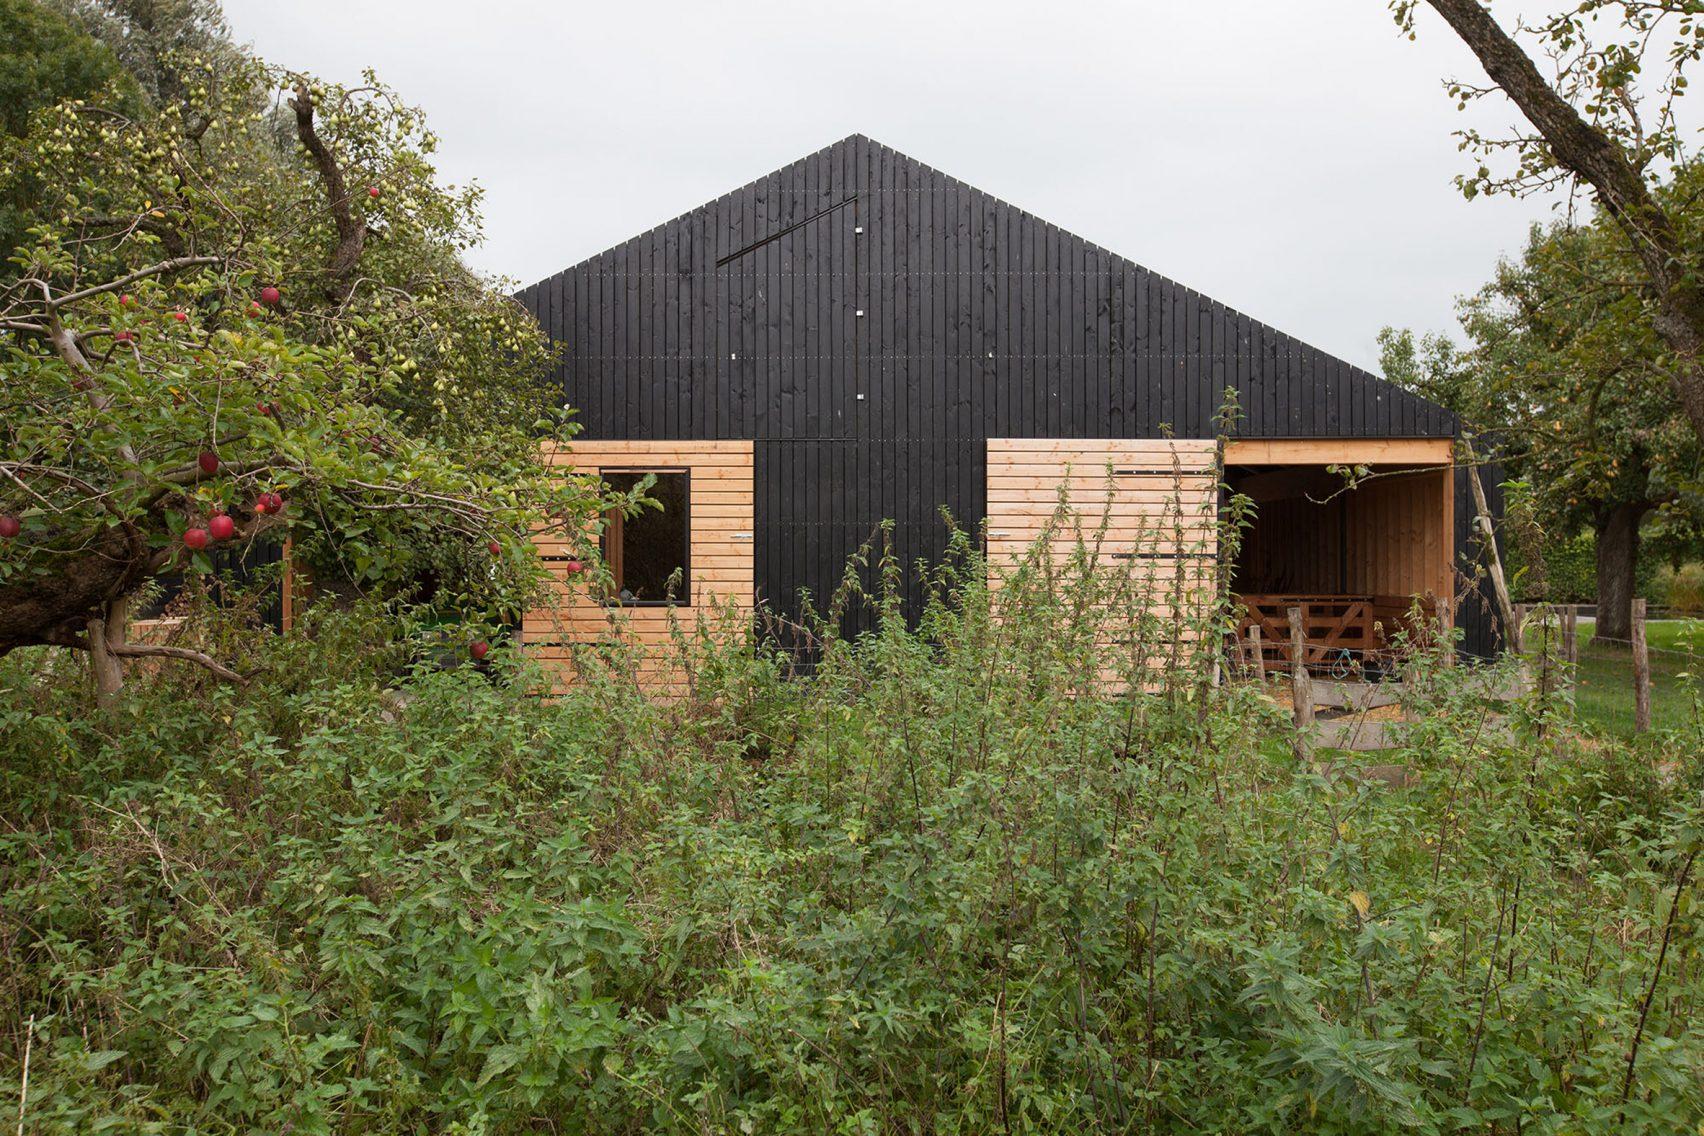 Nhà gỗ cấp 4 hiện đại 6